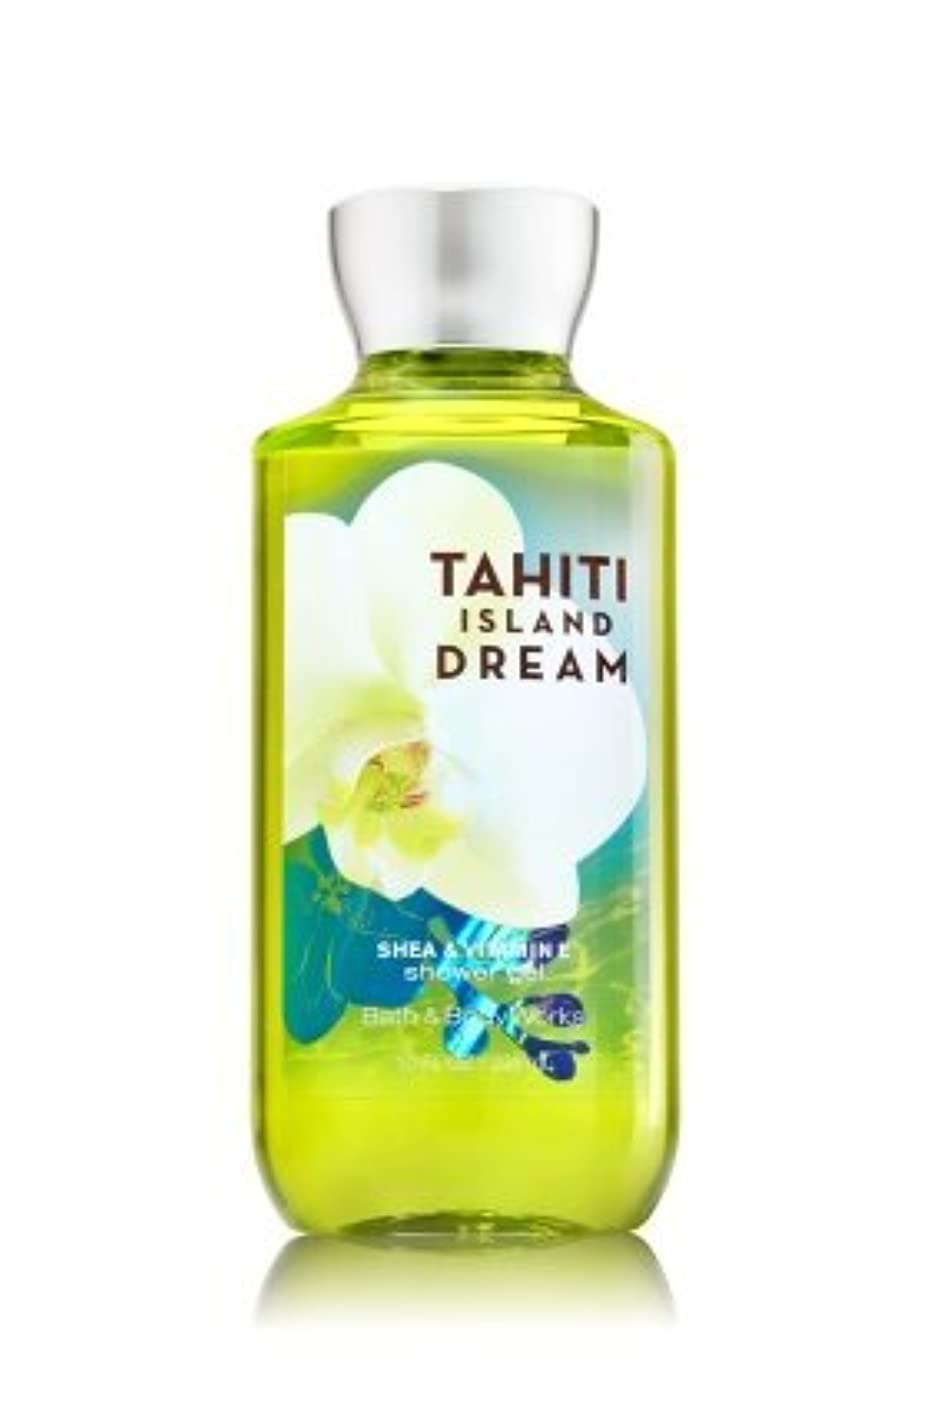 キッチンシェルター窒素【Bath&Body Works/バス&ボディワークス】 シャワージェル タヒチアイランドドリーム Shower Gel Tahiti Island Dream 10 fl oz / 295 mL [並行輸入品]